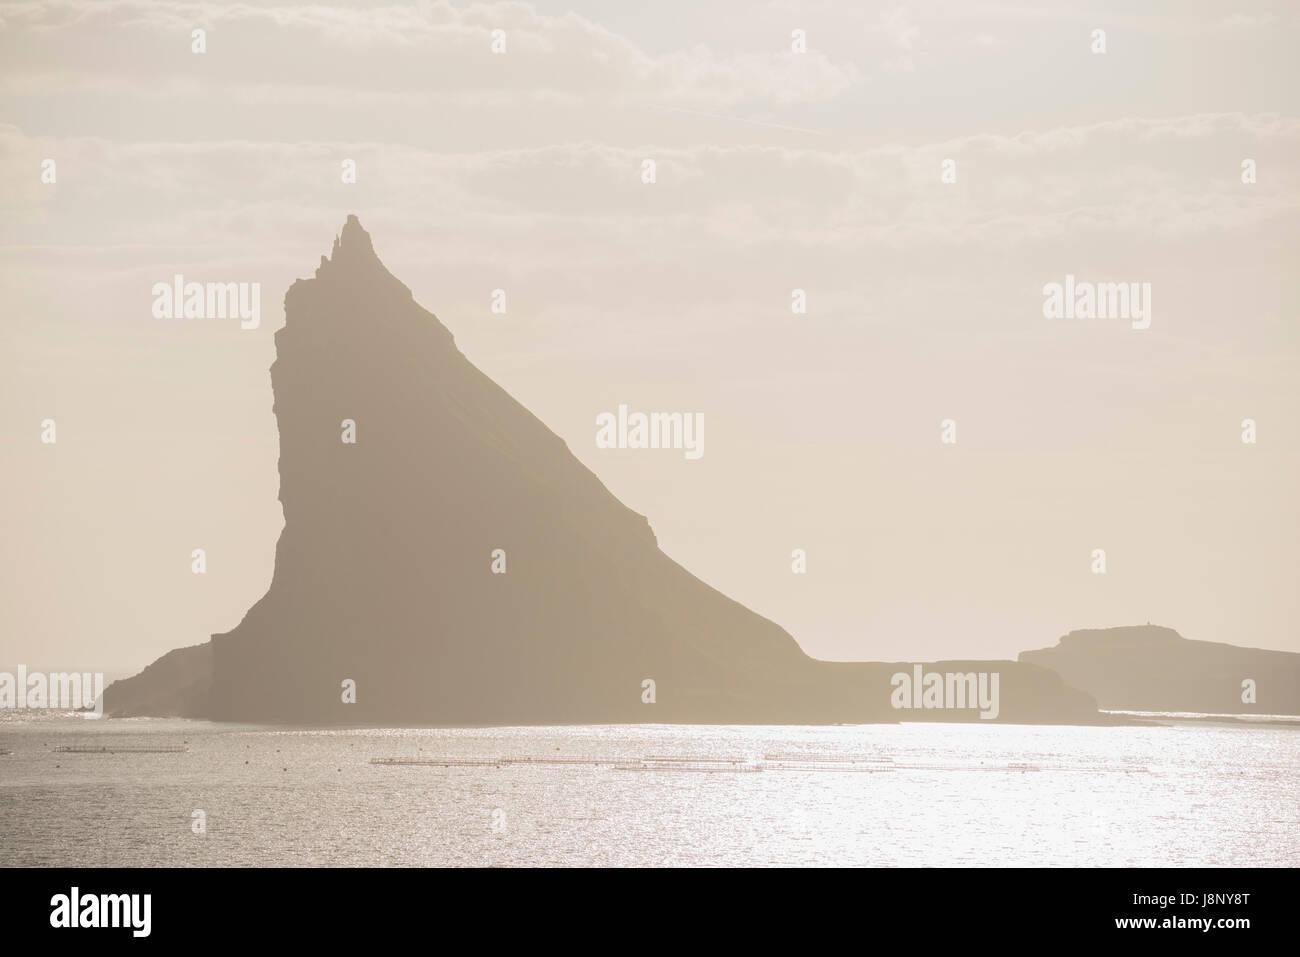 Silueta de montaña en el mar Foto de stock